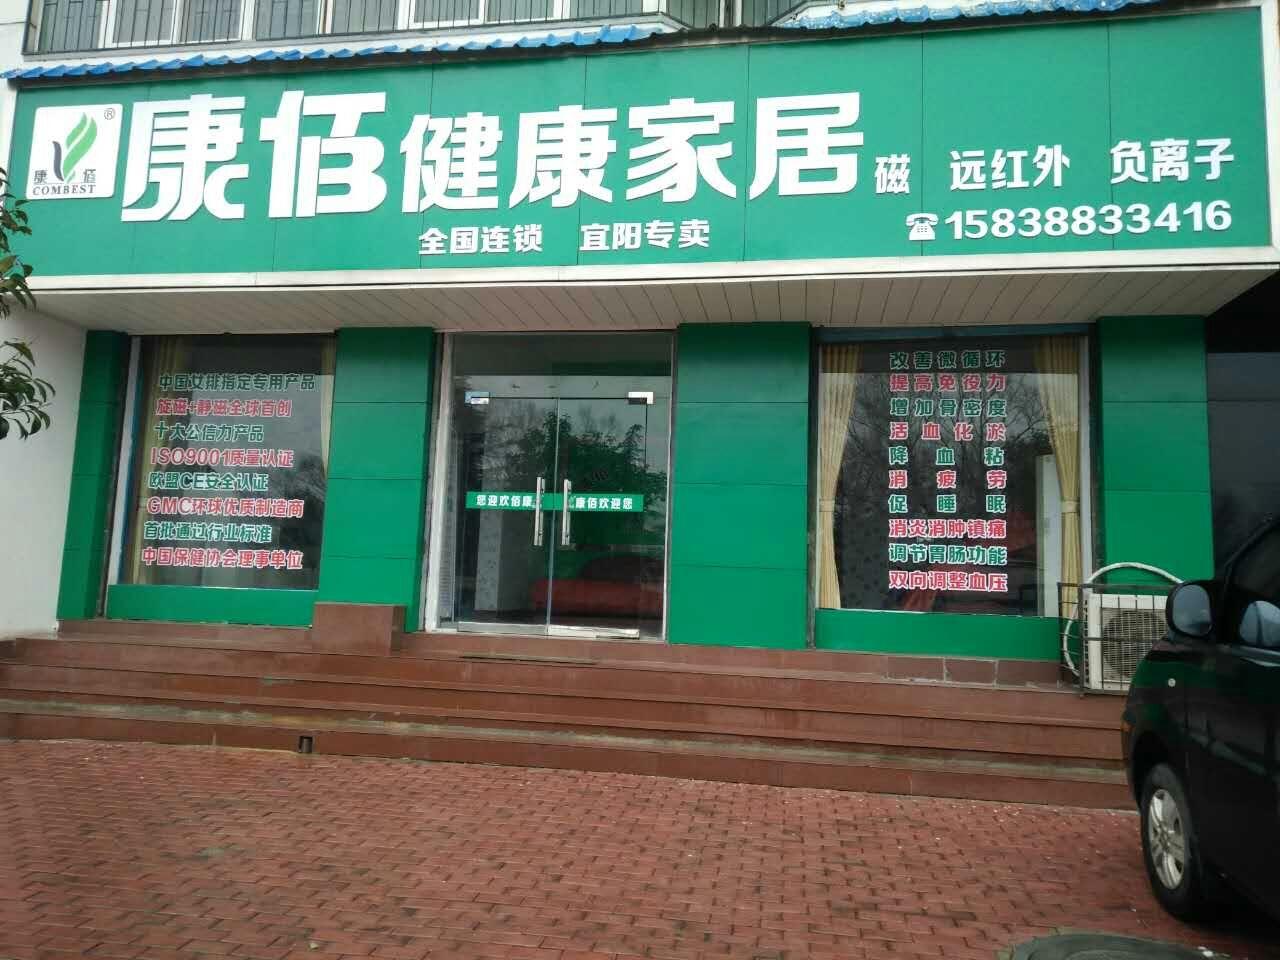 河南洛阳宜阳专卖店